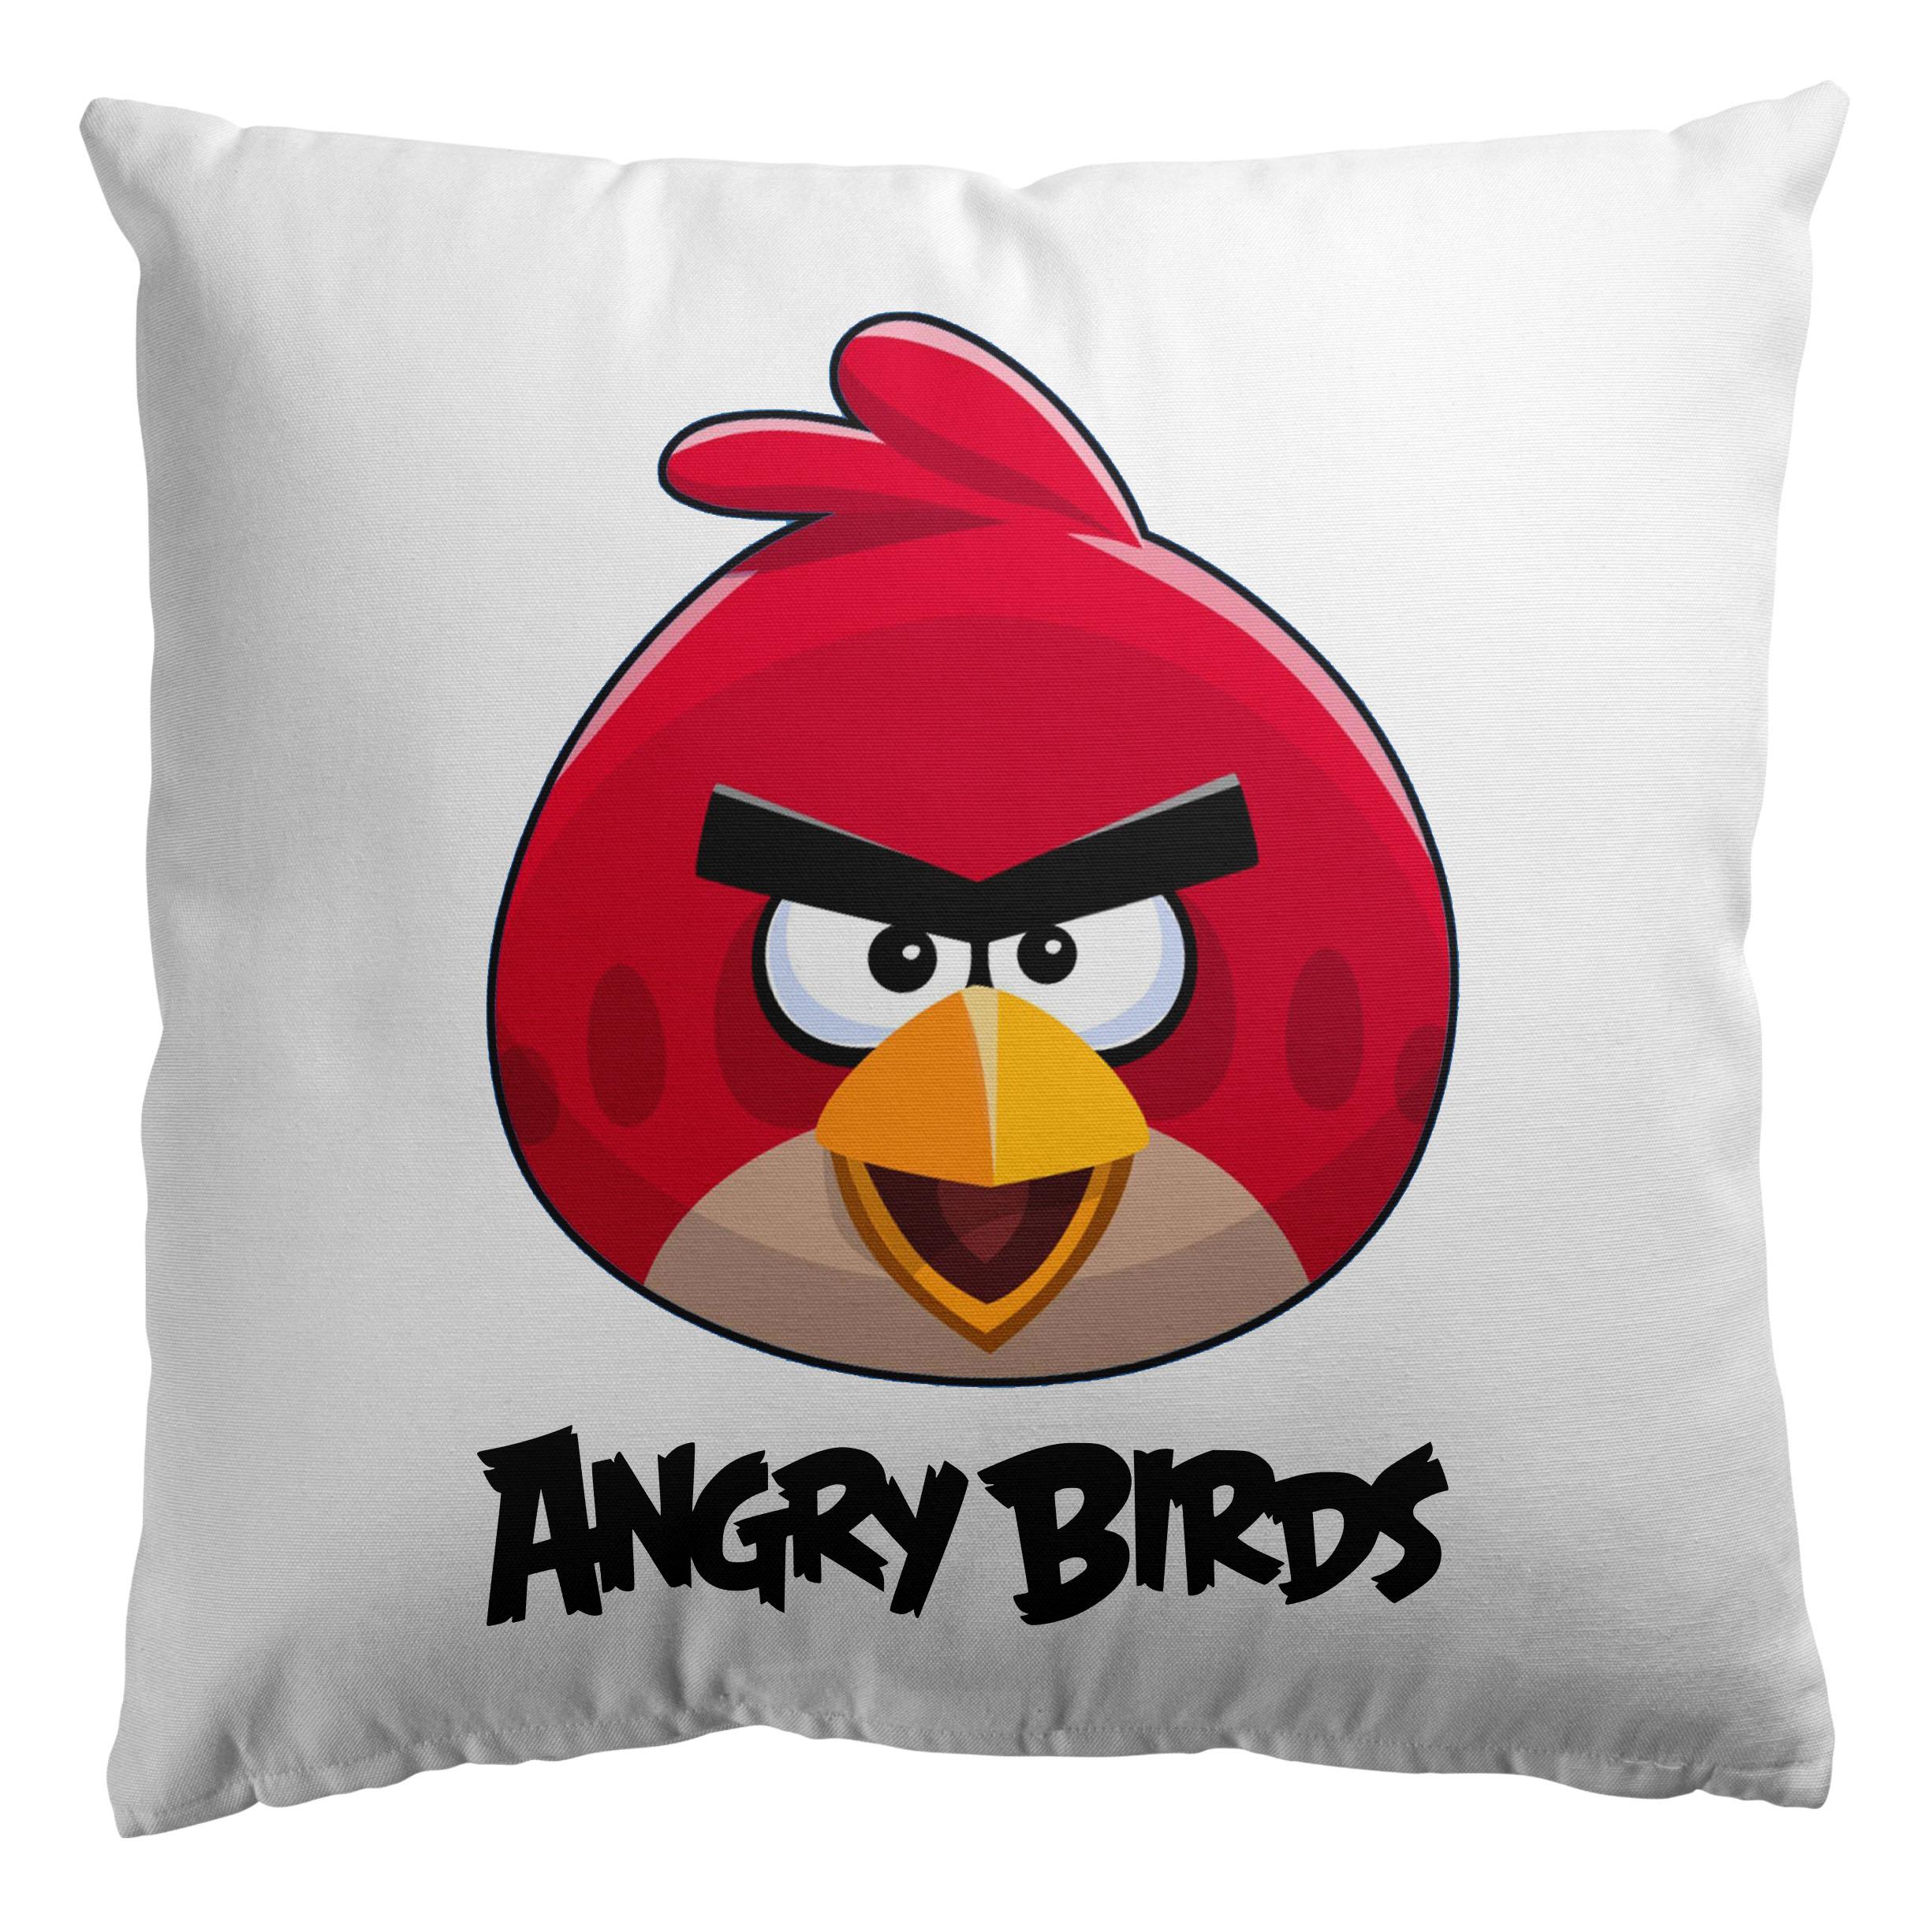 کاور کوسن طرح Angry Birds کد G11